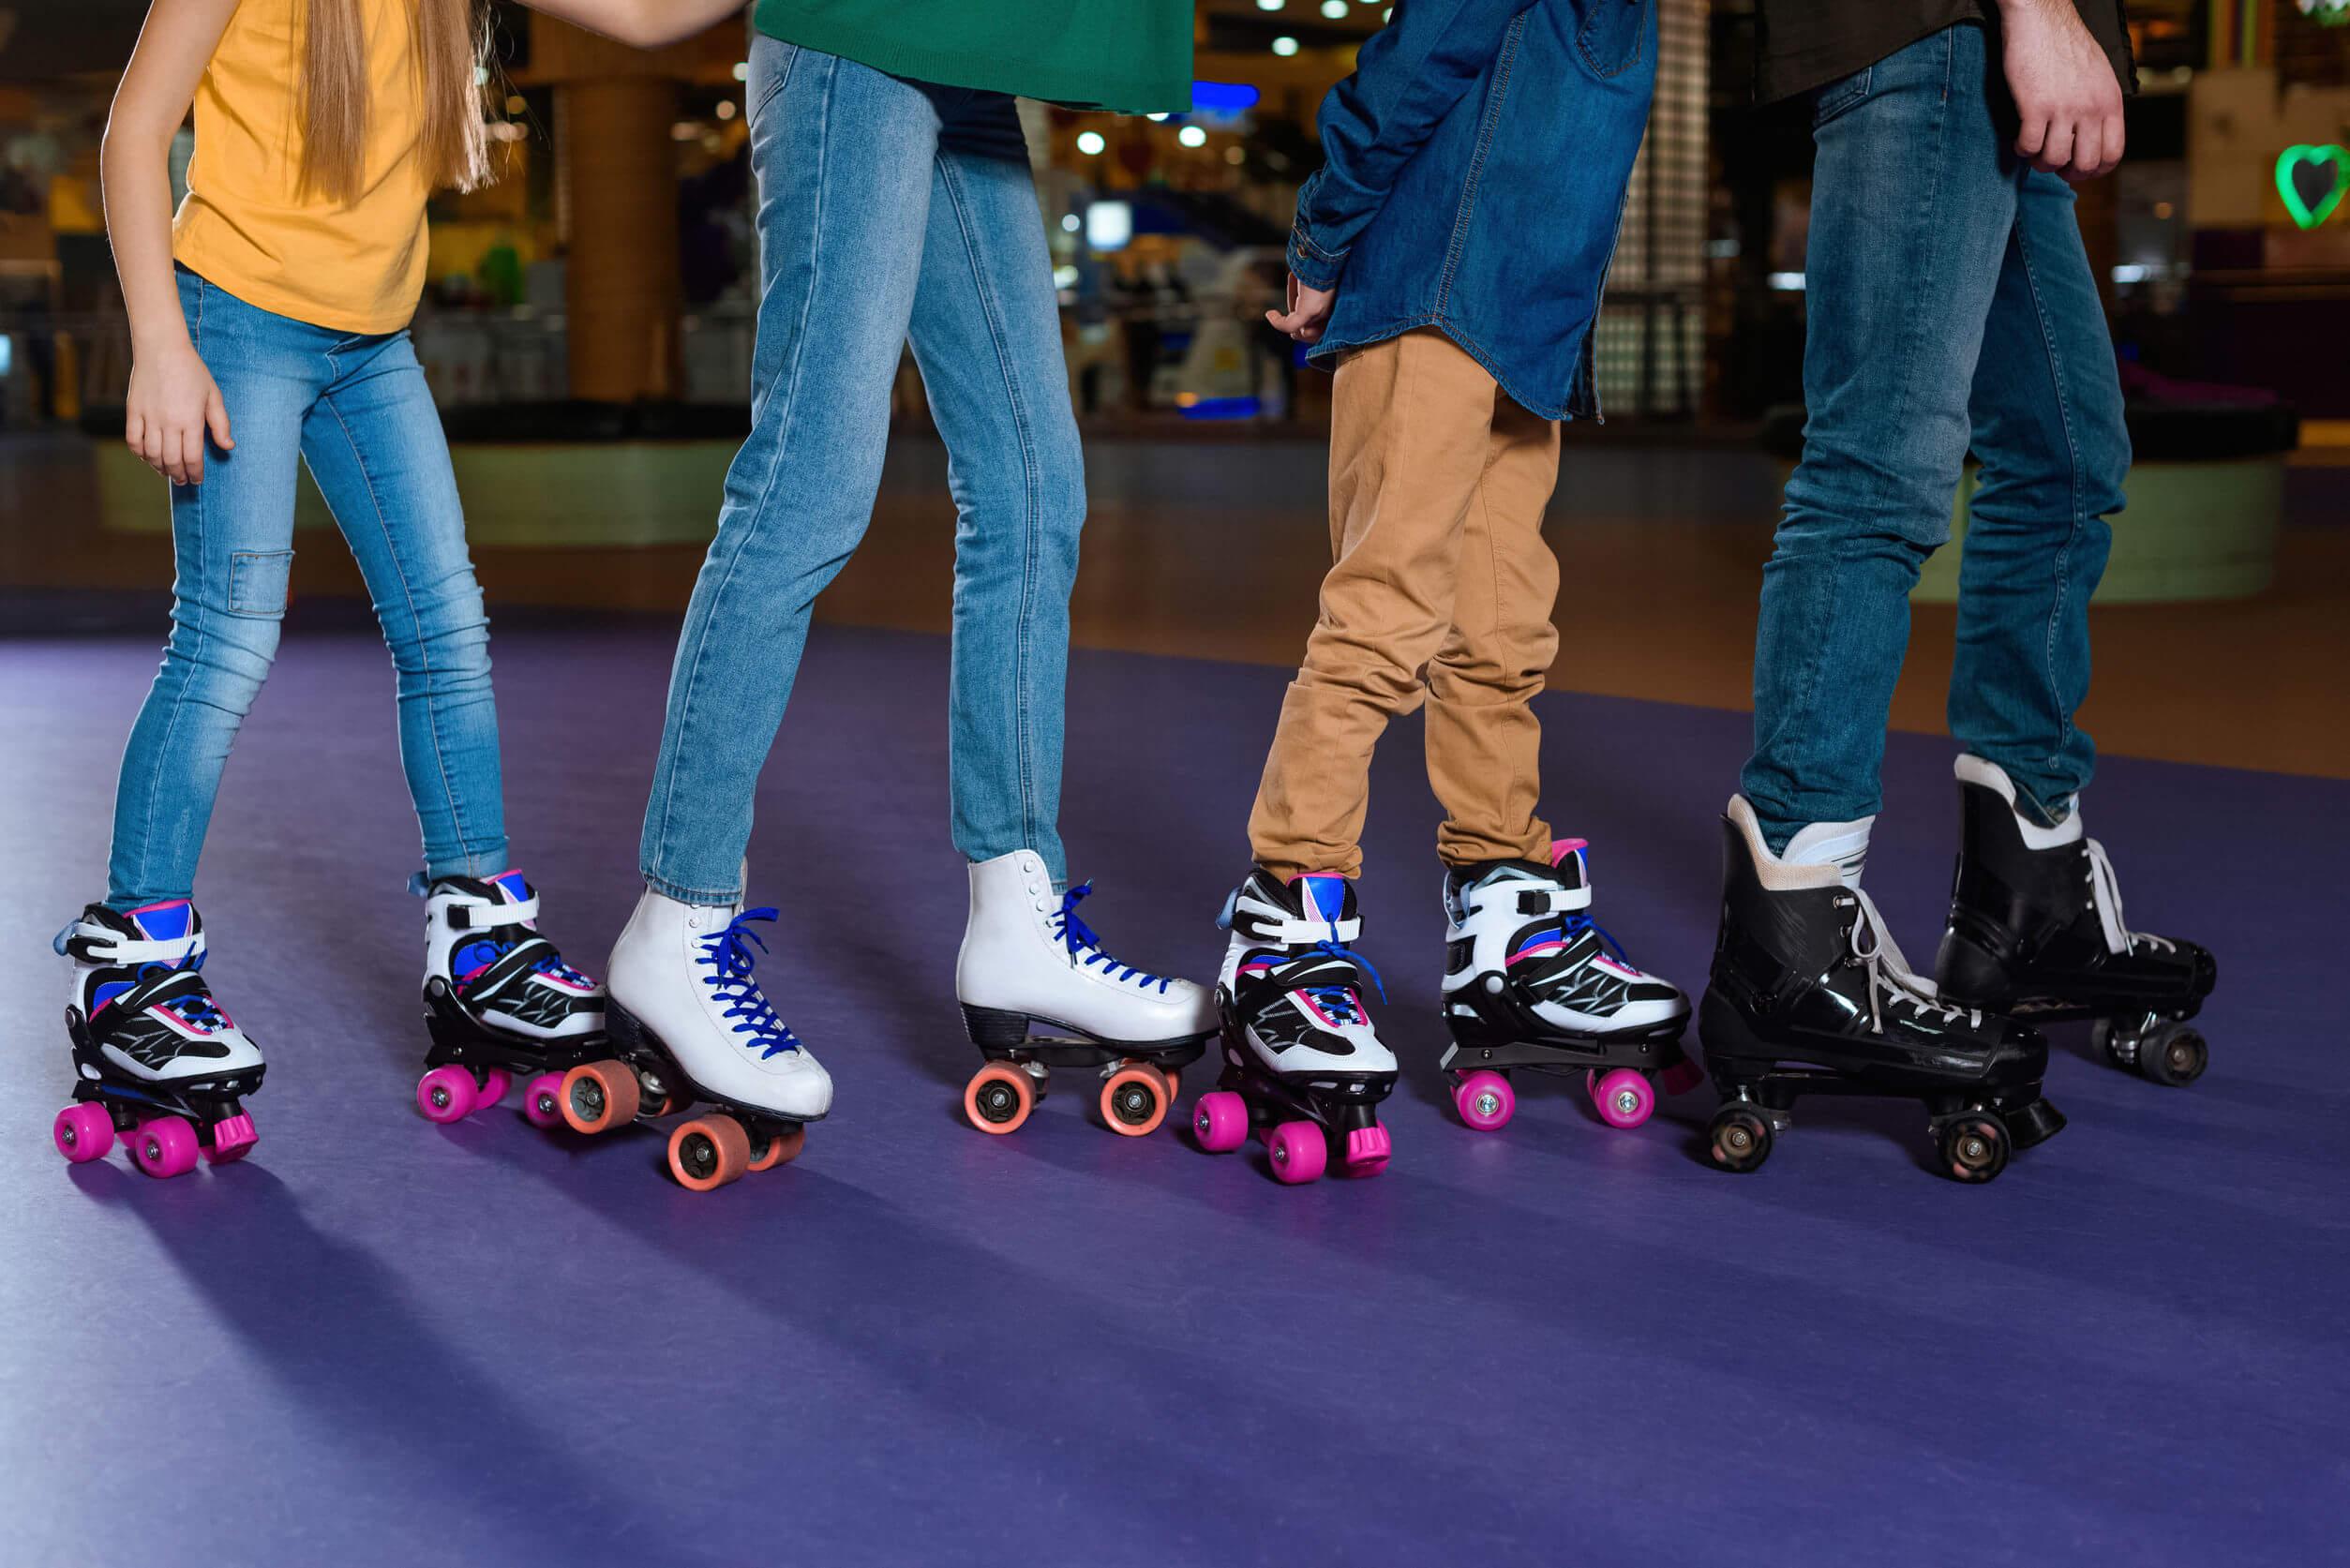 Entre los ejercicios para realizar en familia se encuentra el patinaje.